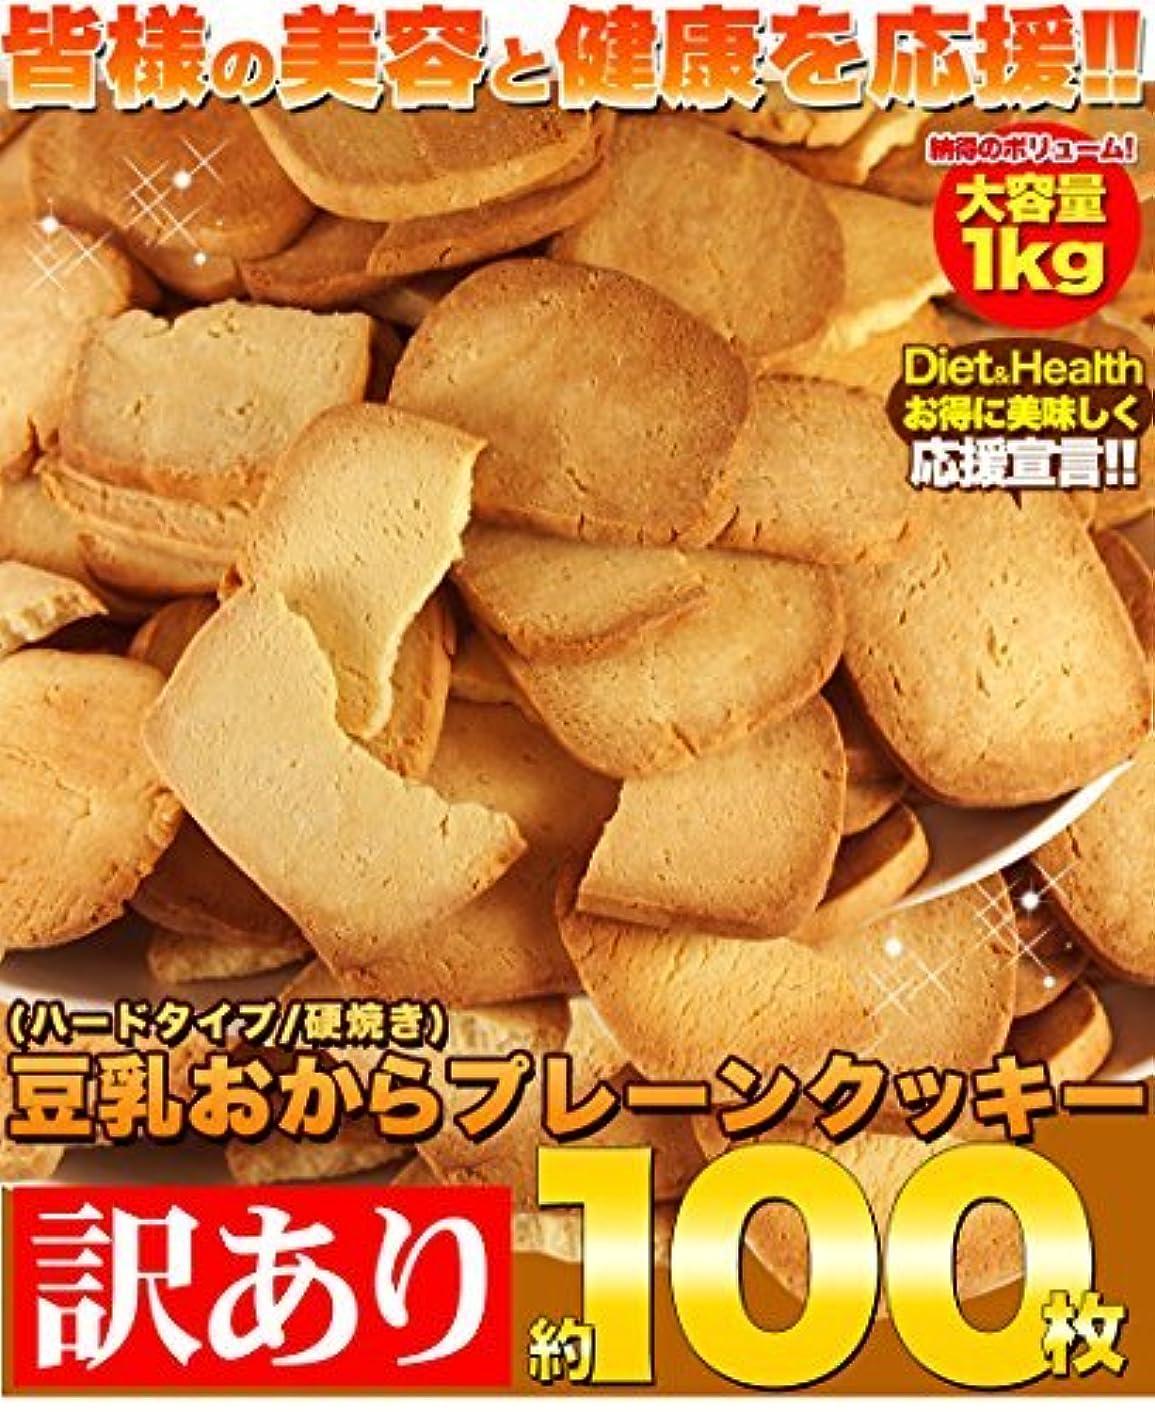 石炭ムスタチオに同意するアレンジ次第でダイエットが楽しくなる!プレーンタイプの豆乳おからクッキーが約100枚入って1kg入り!  業界最安値に挑戦!【訳あり】固焼き☆豆乳おからクッキープレーン約100枚1kg?常温?